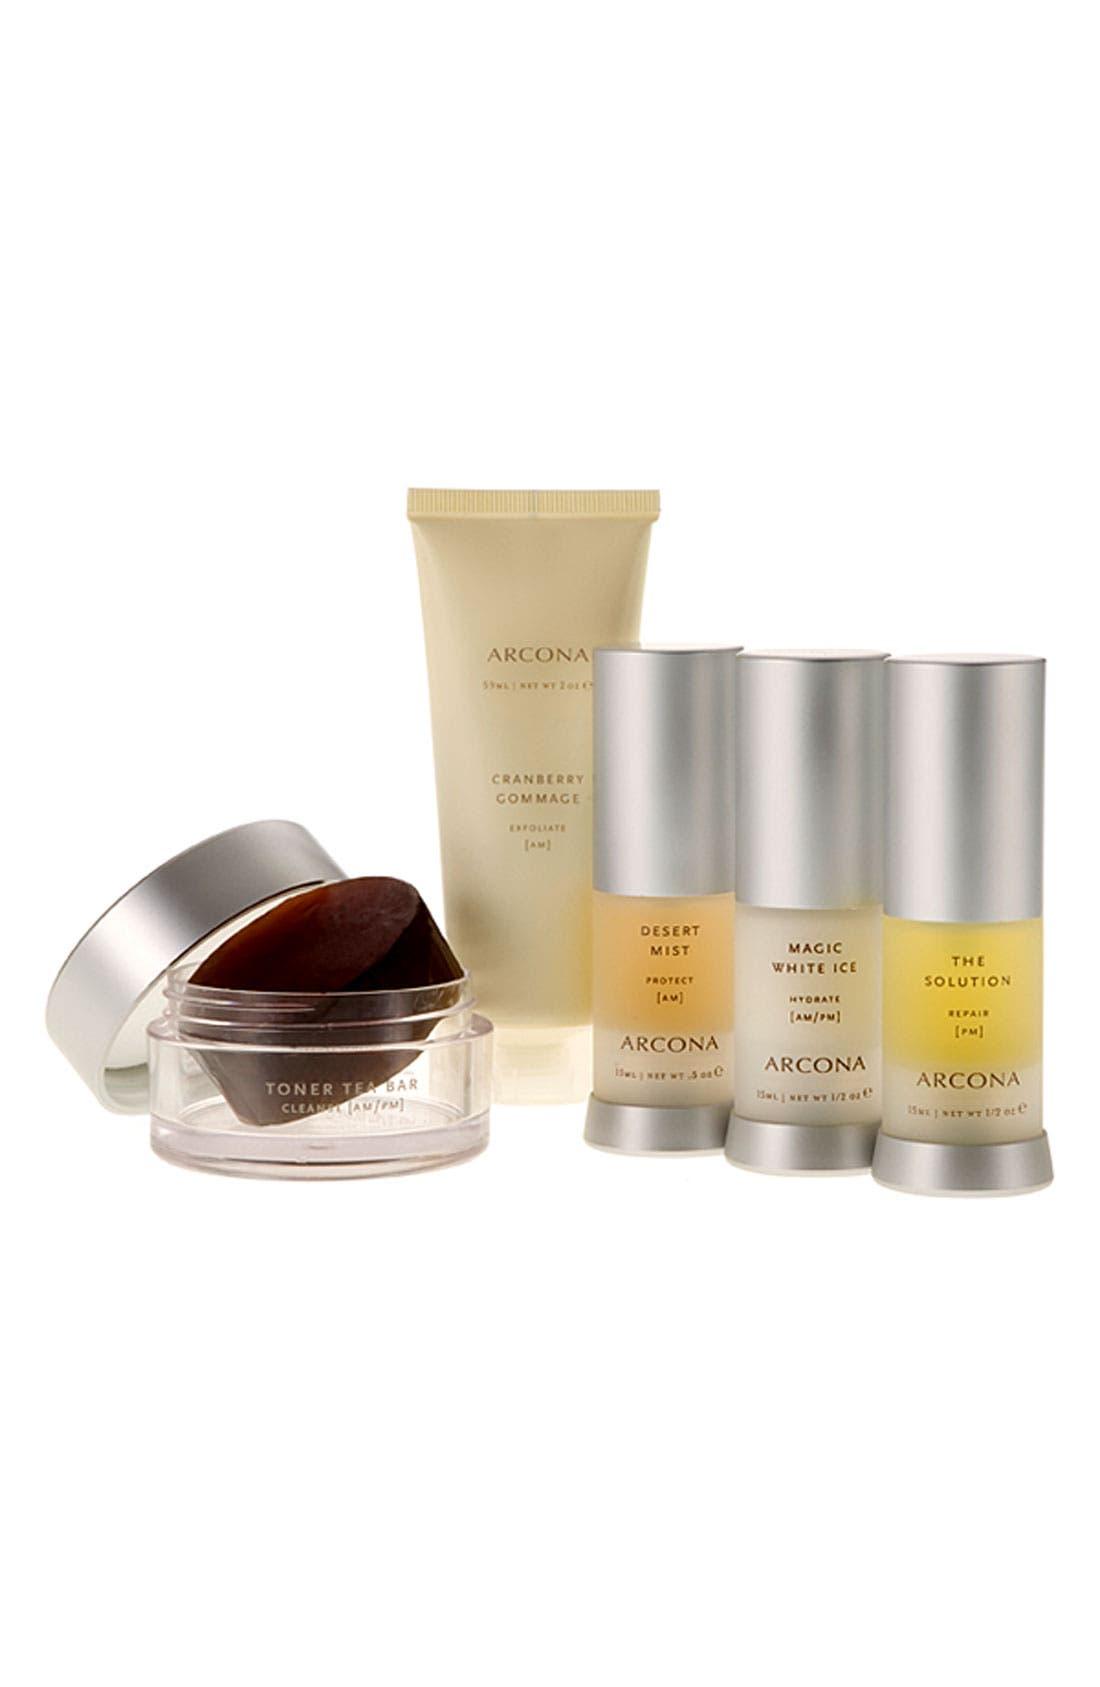 Alternate Image 1 Selected - ARCONA 'Basic Five' Travel Kit for Oily Skin ($102 Value)